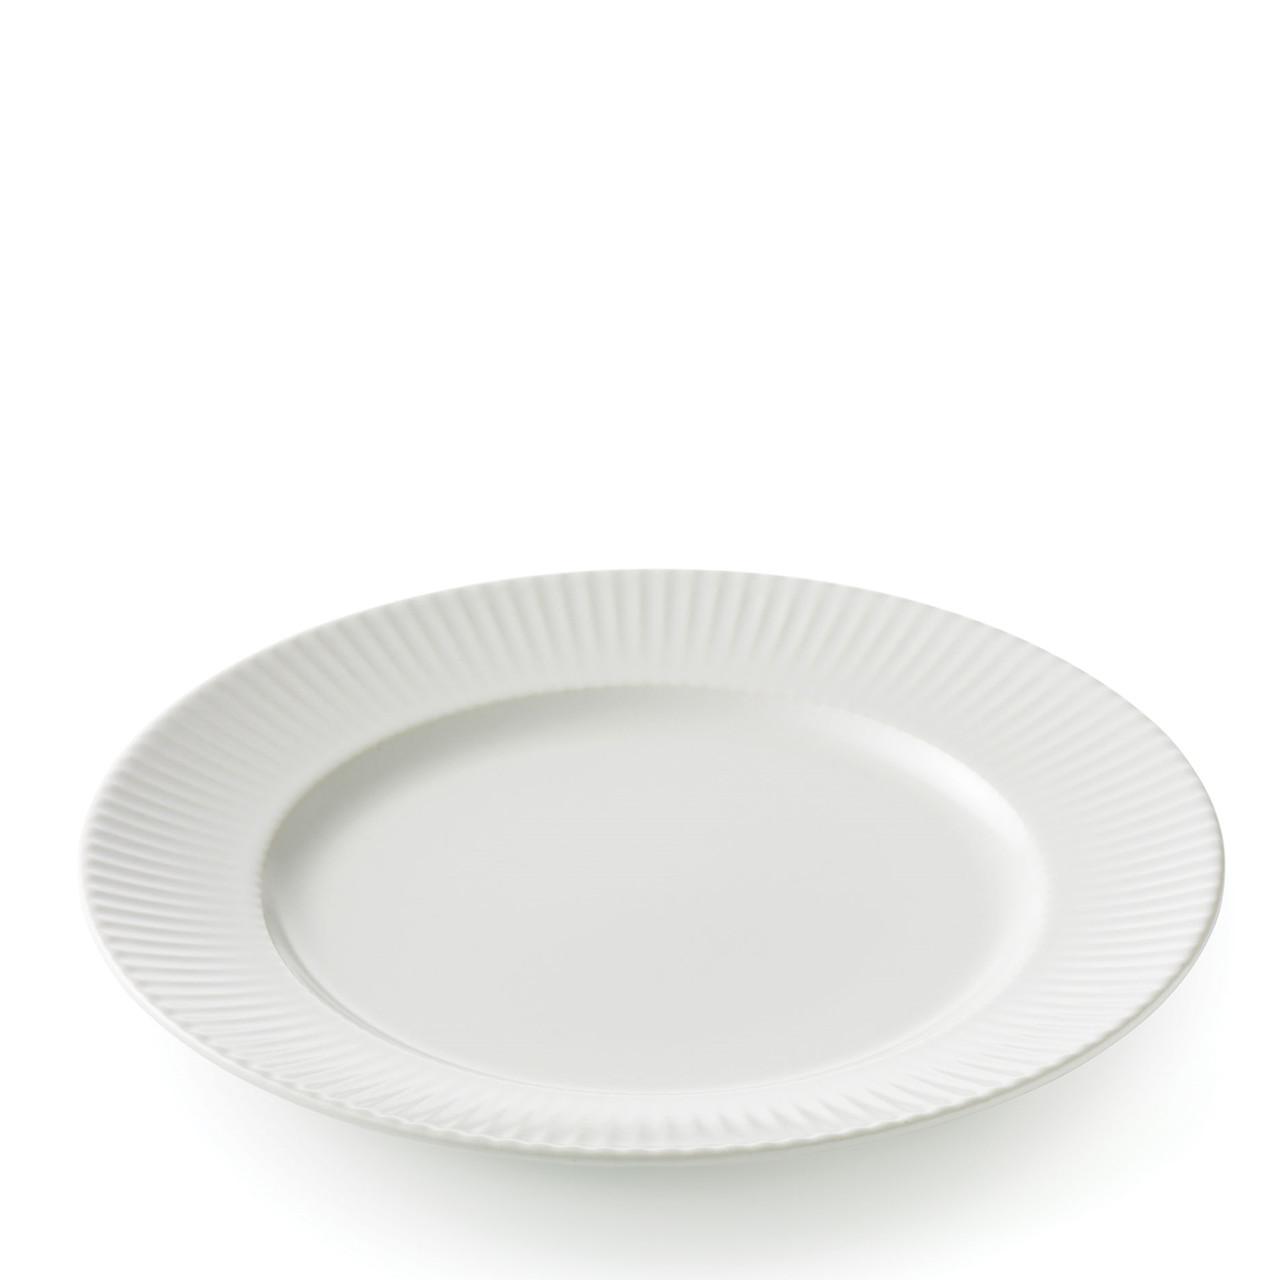 Billede af AIDA Groovy frokosttallerken Ø21 cm hvid stentøj